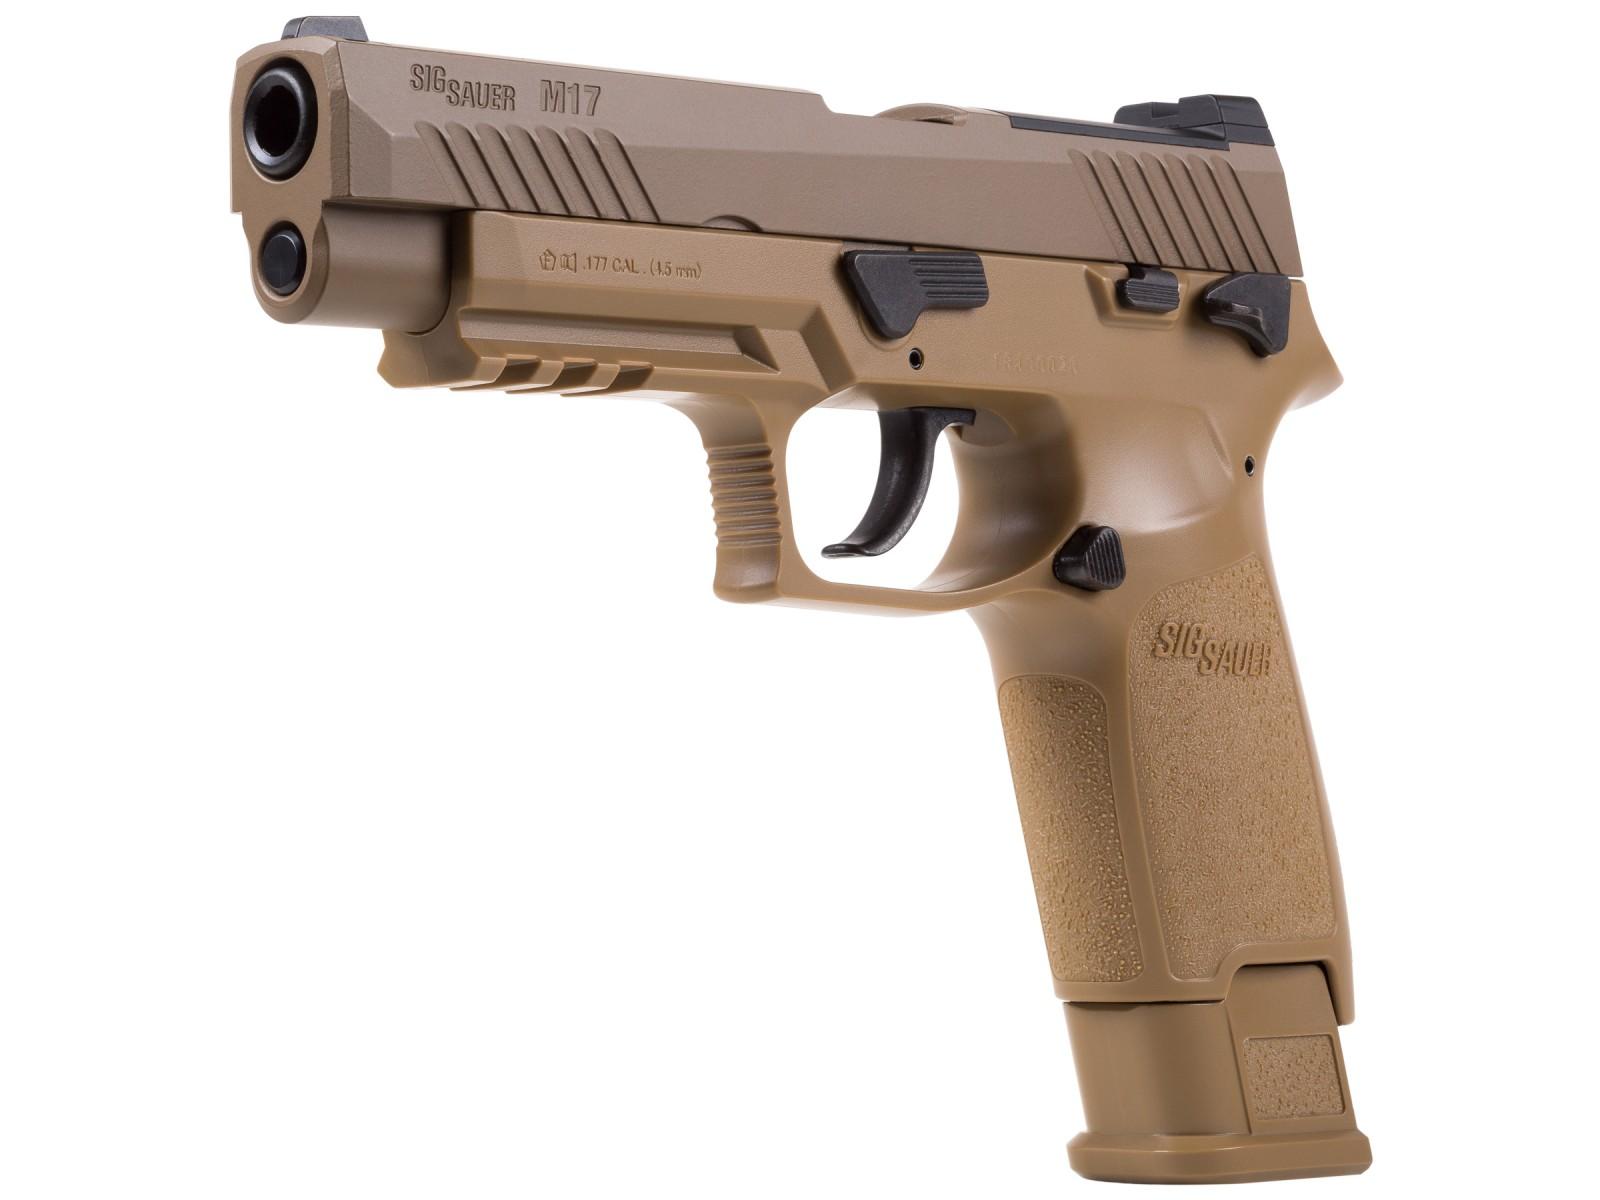 SIG Sauer M17 P320 ASP, CO2 Pellet Pistol, Tan